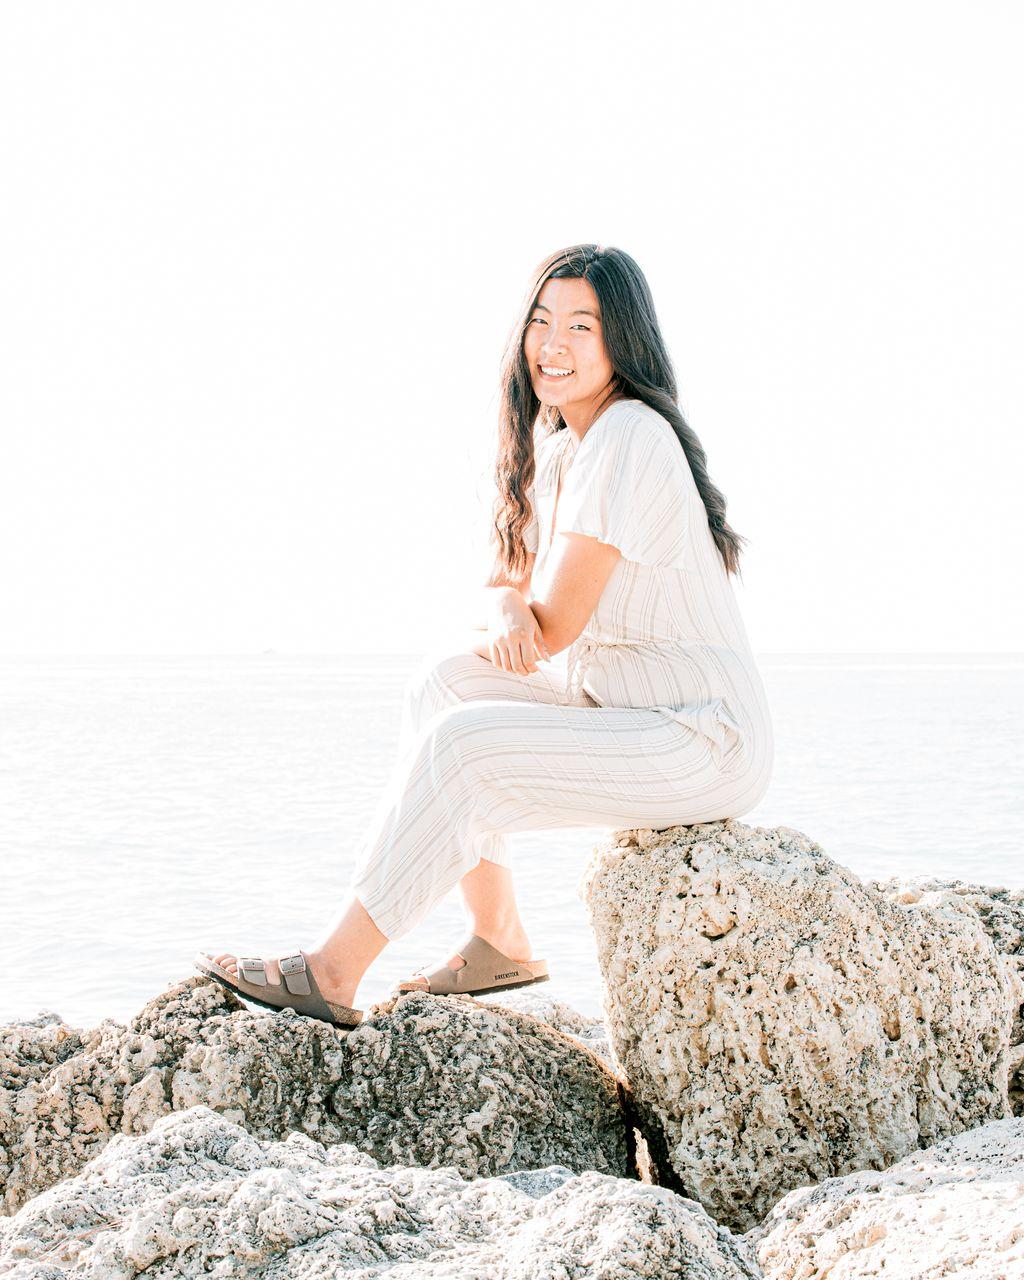 Portrait Photography - Key West 2020